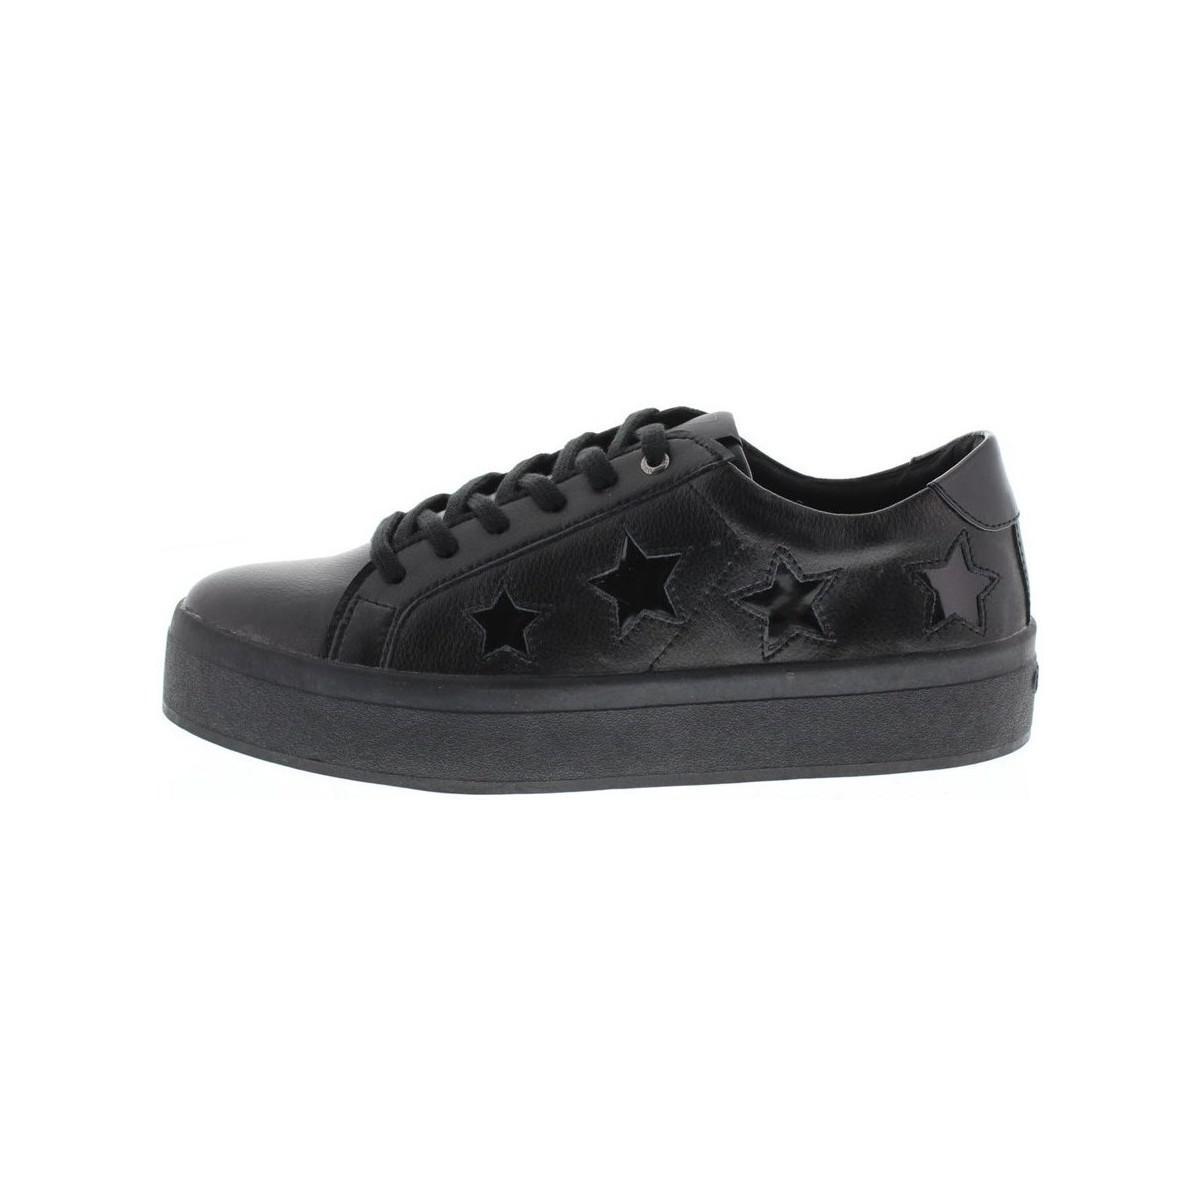 Guess Lyst Noir Coloris Femmes Fhalstar Chaussures En xFwfOXFq